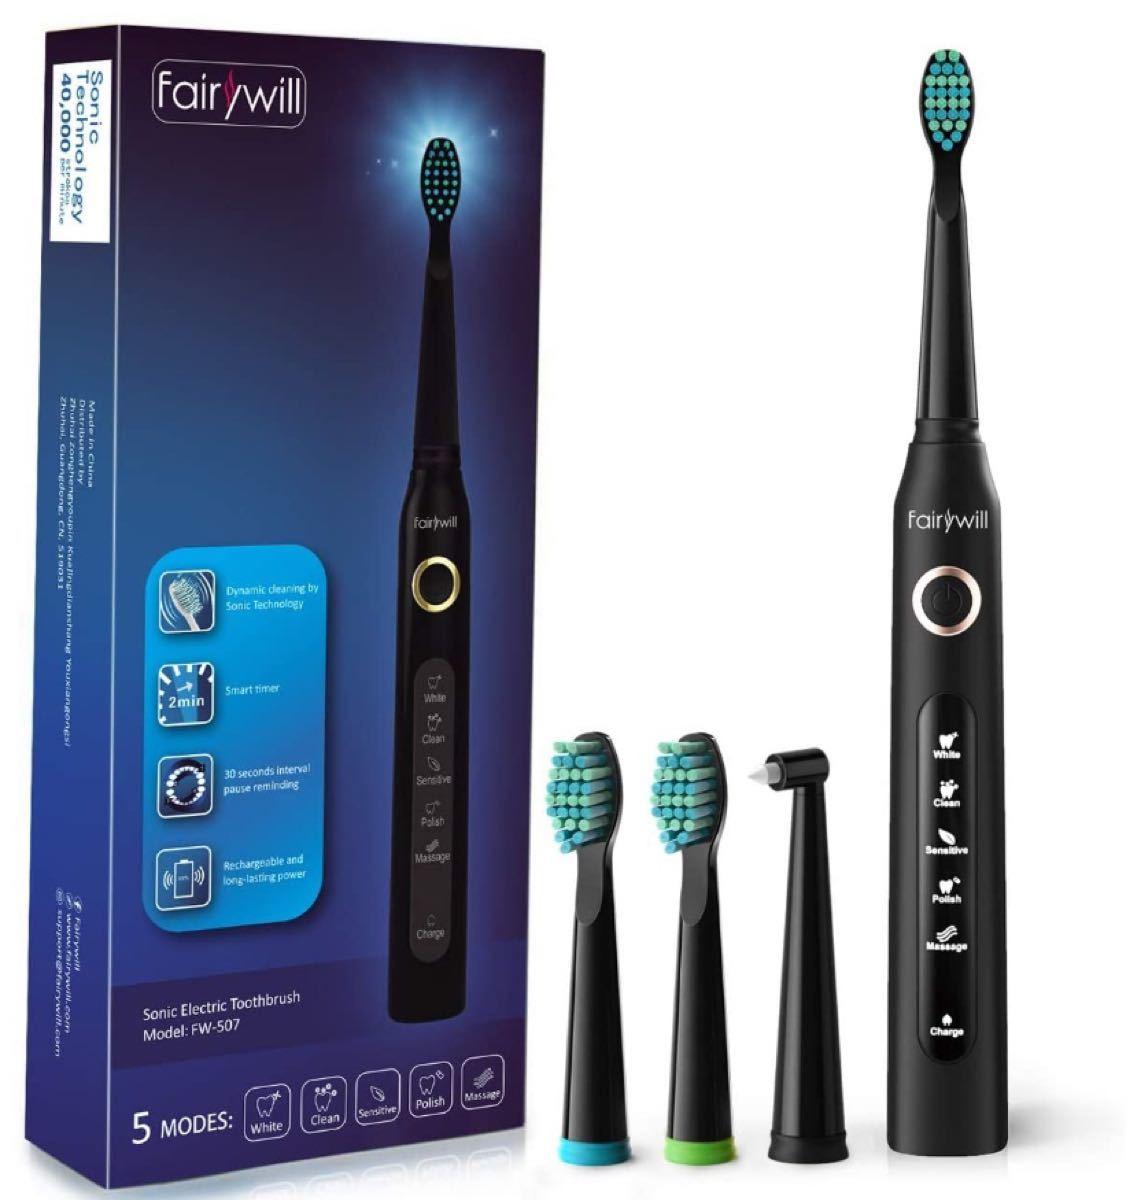 音波電動歯ブラシ 五つモード USB充電 替えブラシ3本 すきま磨きブラシ付